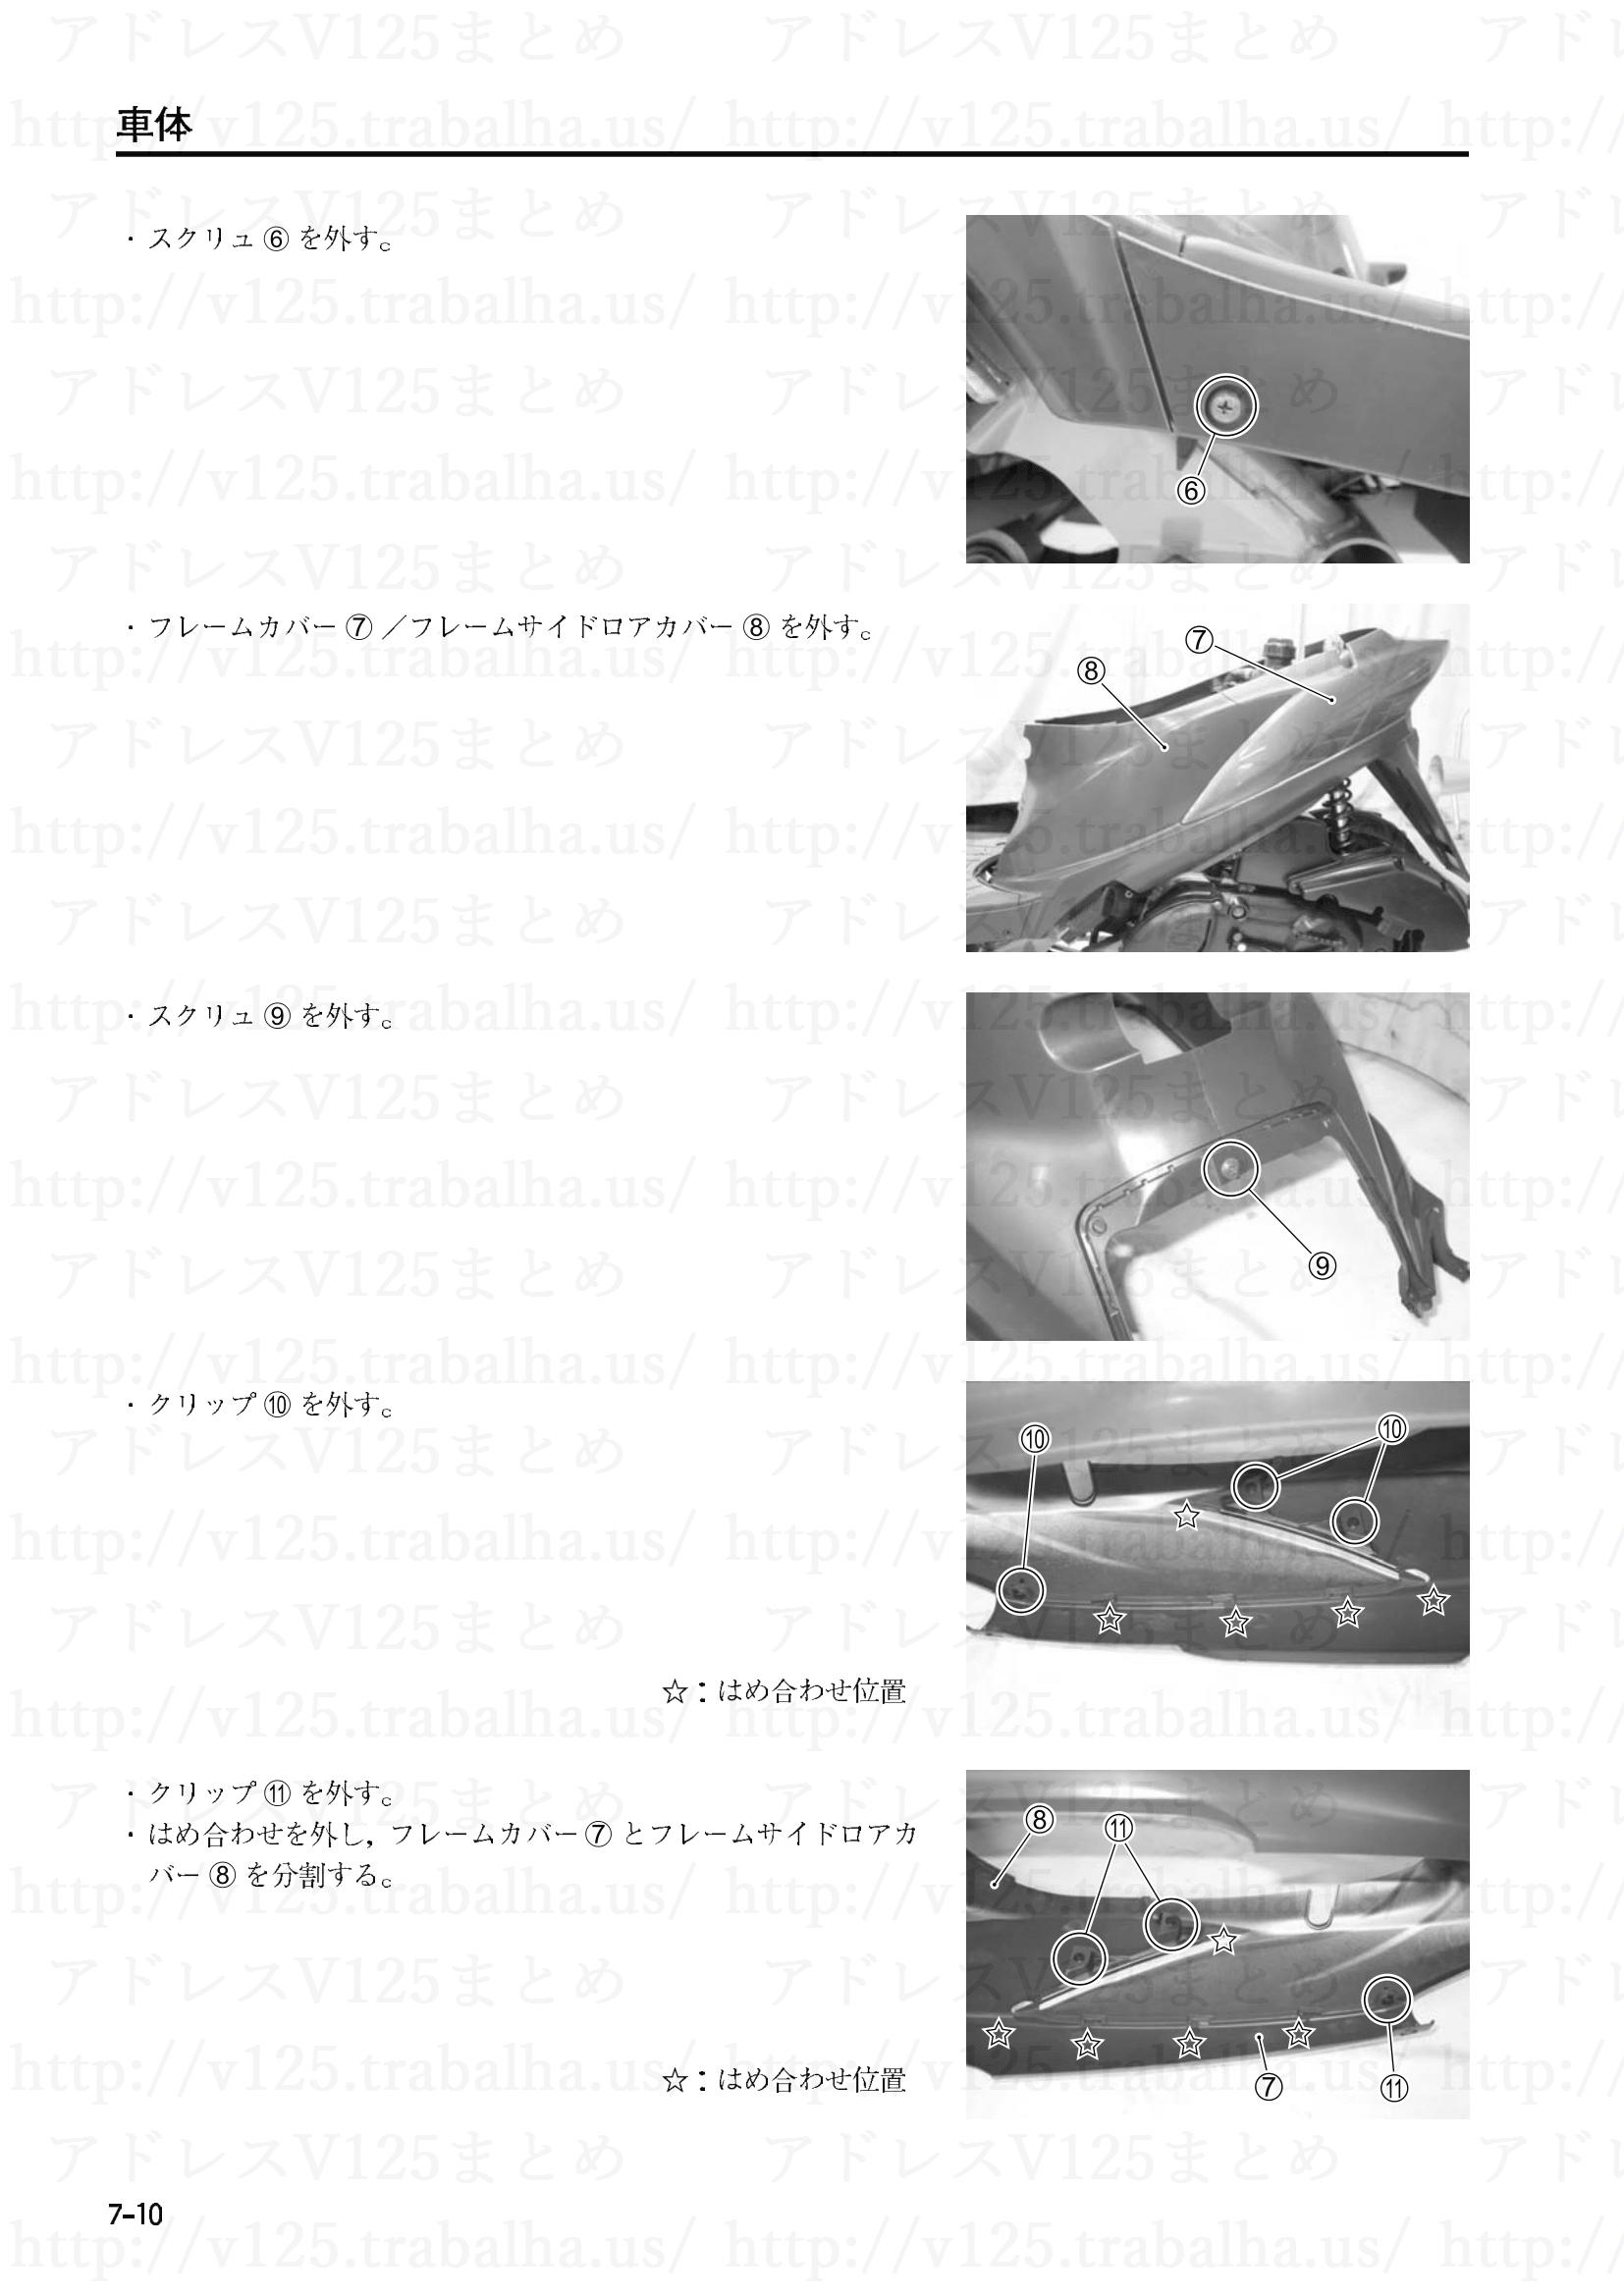 7-10【車体】フレームカバー/フレームサイドロアカバーの取外し2